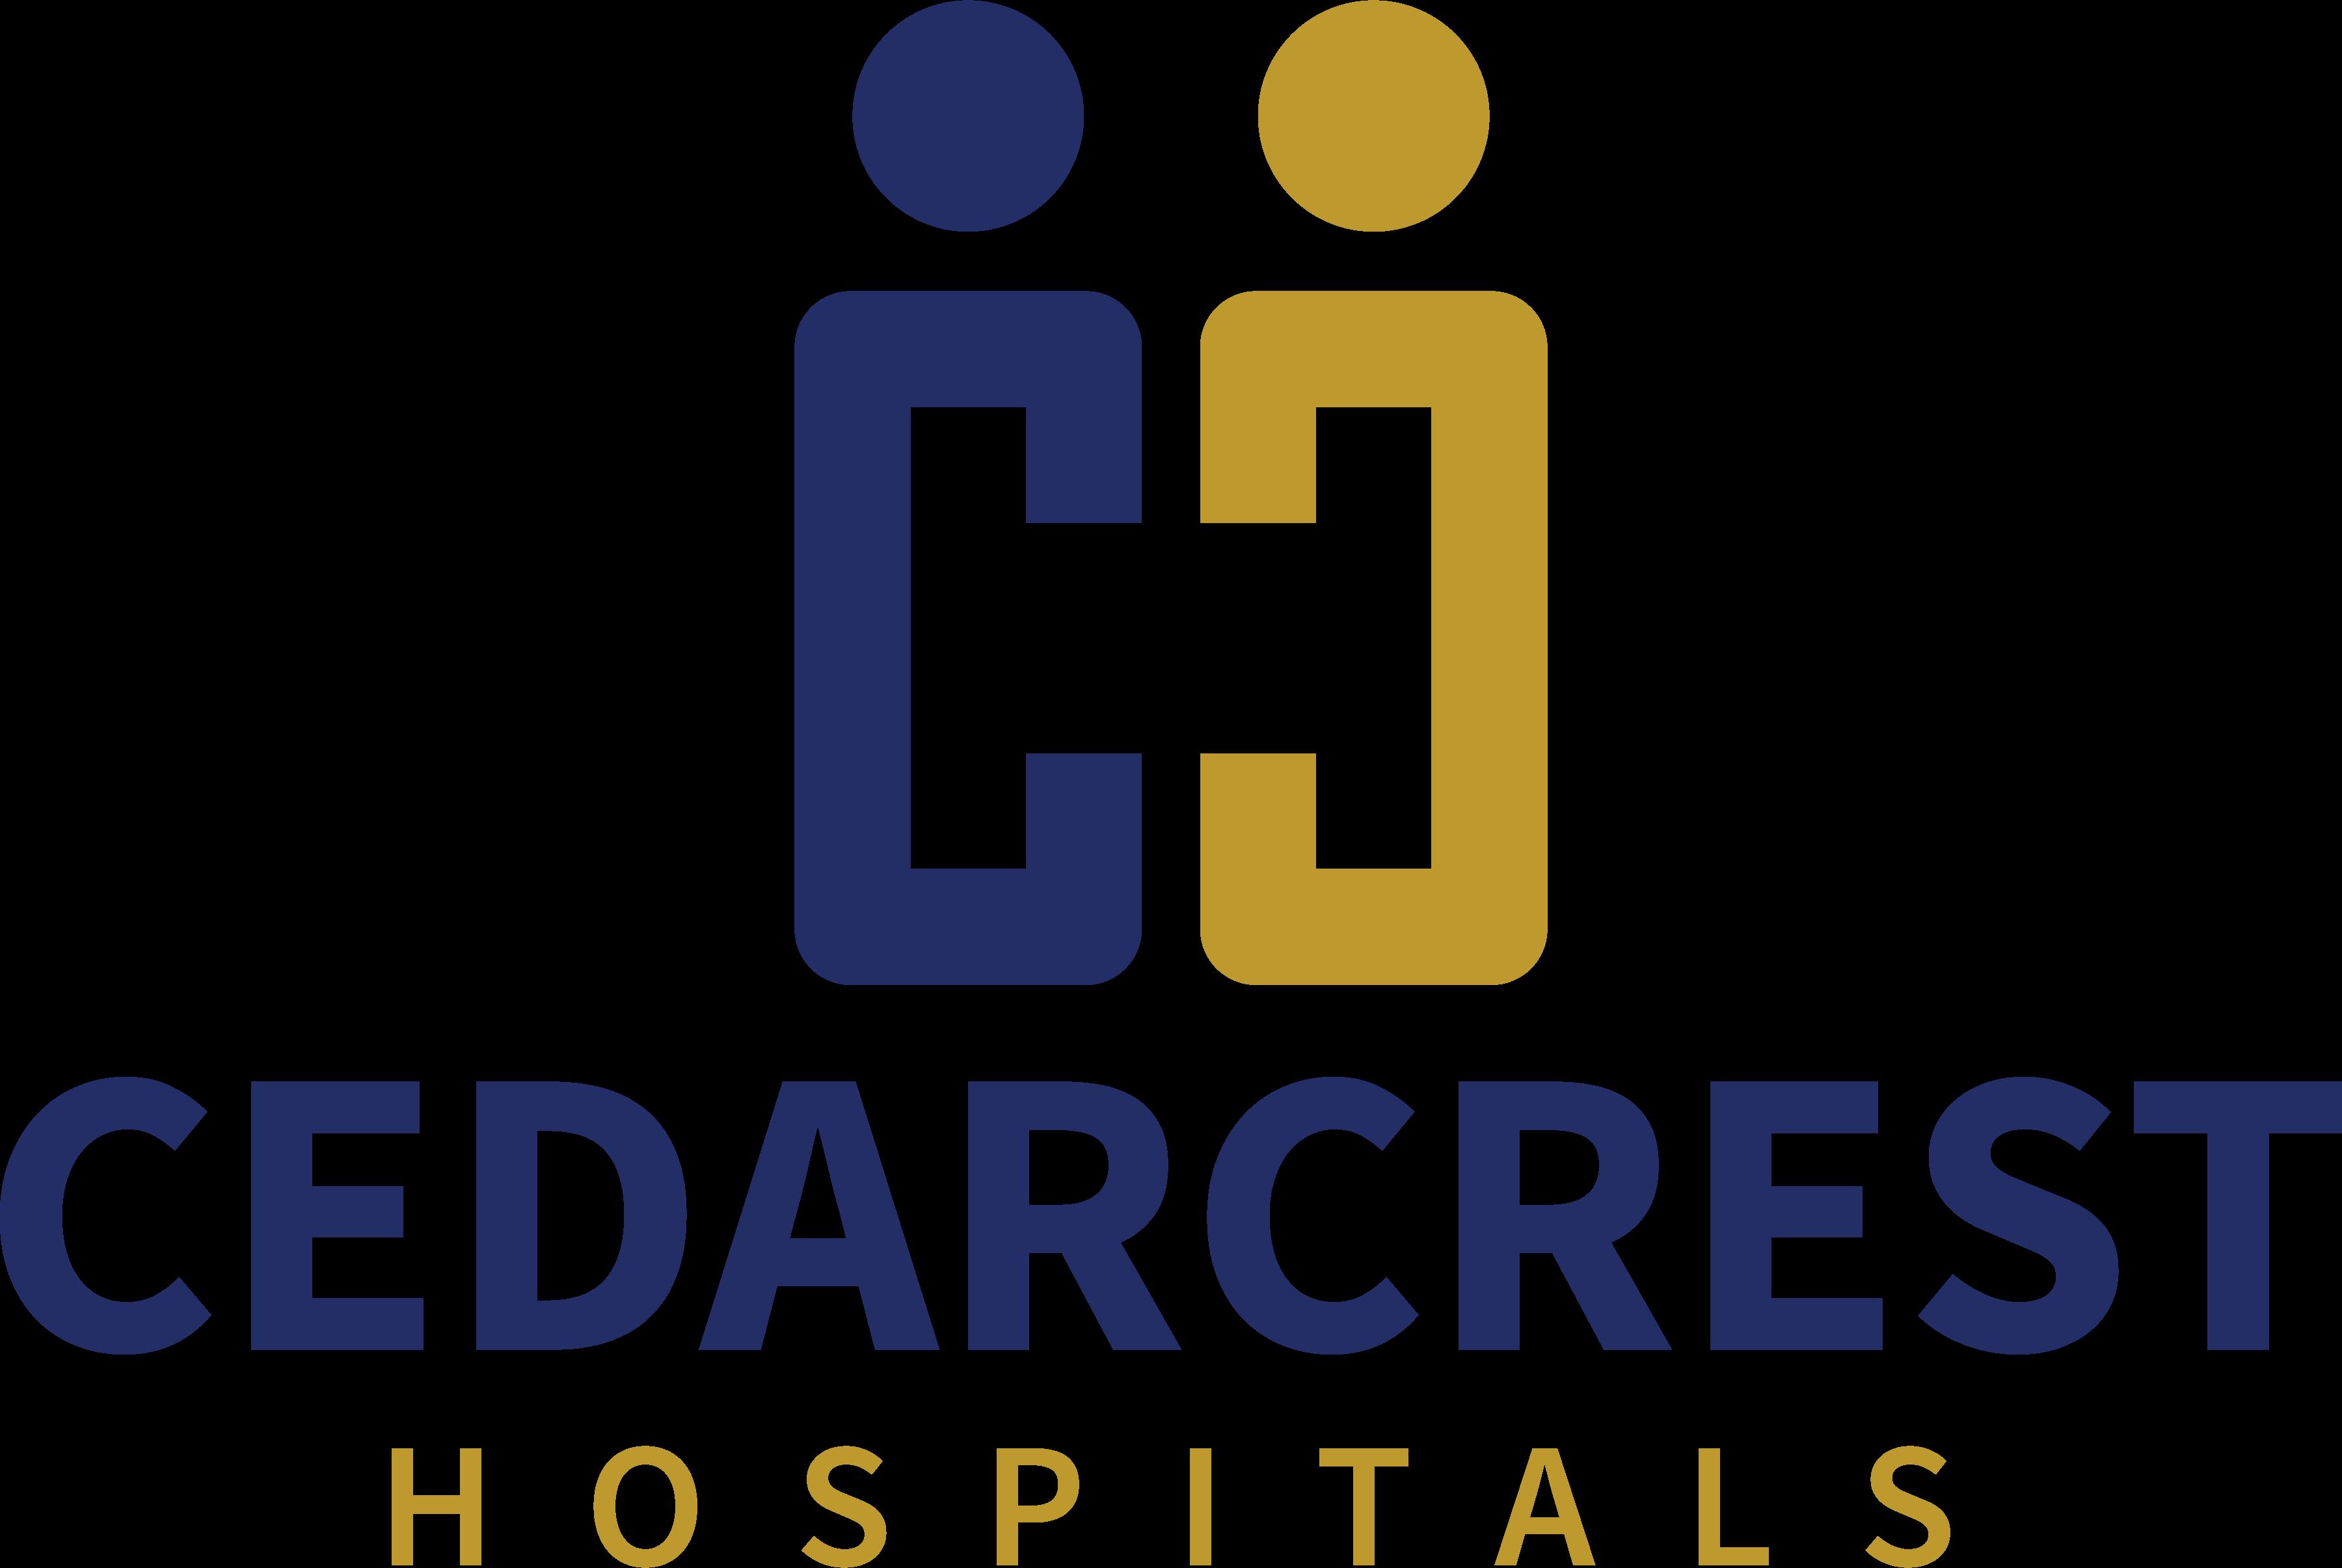 CEDARCREST HOSPITALS